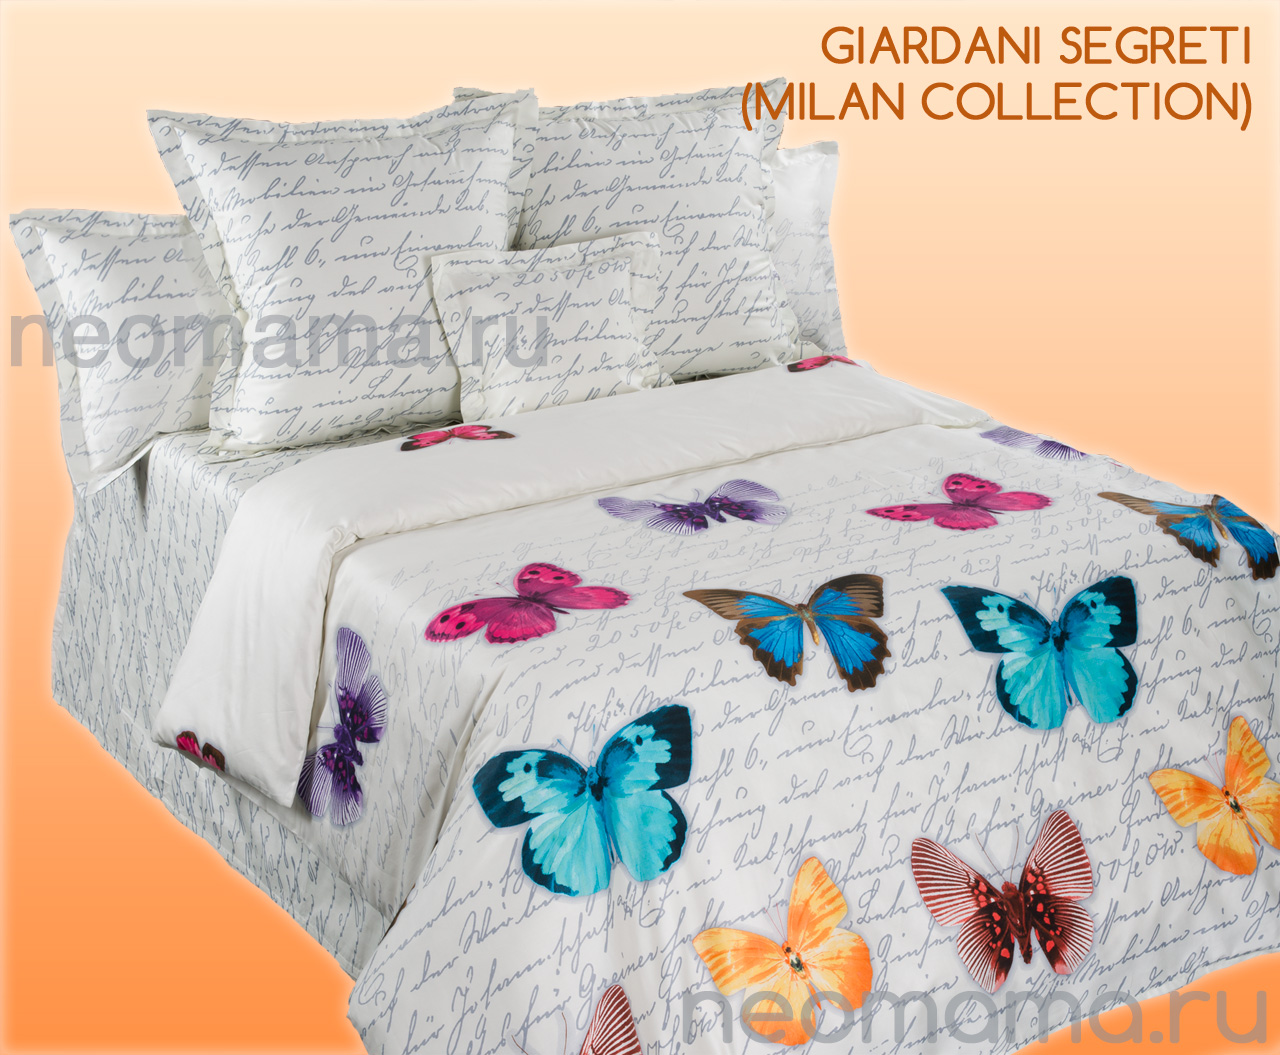 Детское постельное белье, сатин, 1.5-спальное, GIARDANI SEGRETI (Milan) джиардани сегрети, Детское постельное бельё из сатина (1.5 спальное), элитное